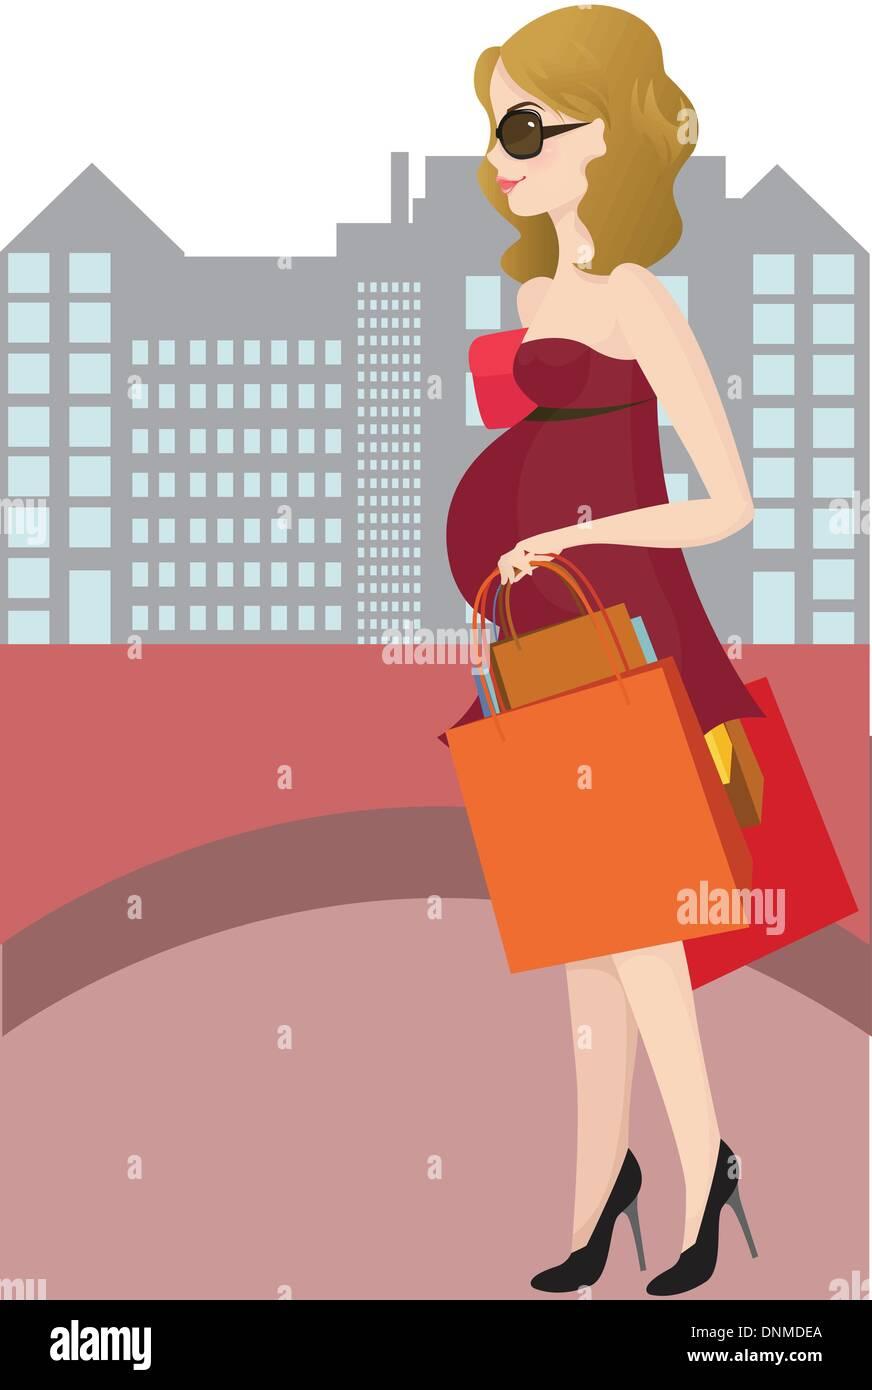 Un vecteur illustration d'une femme enceinte, faire du shopping Photo Stock